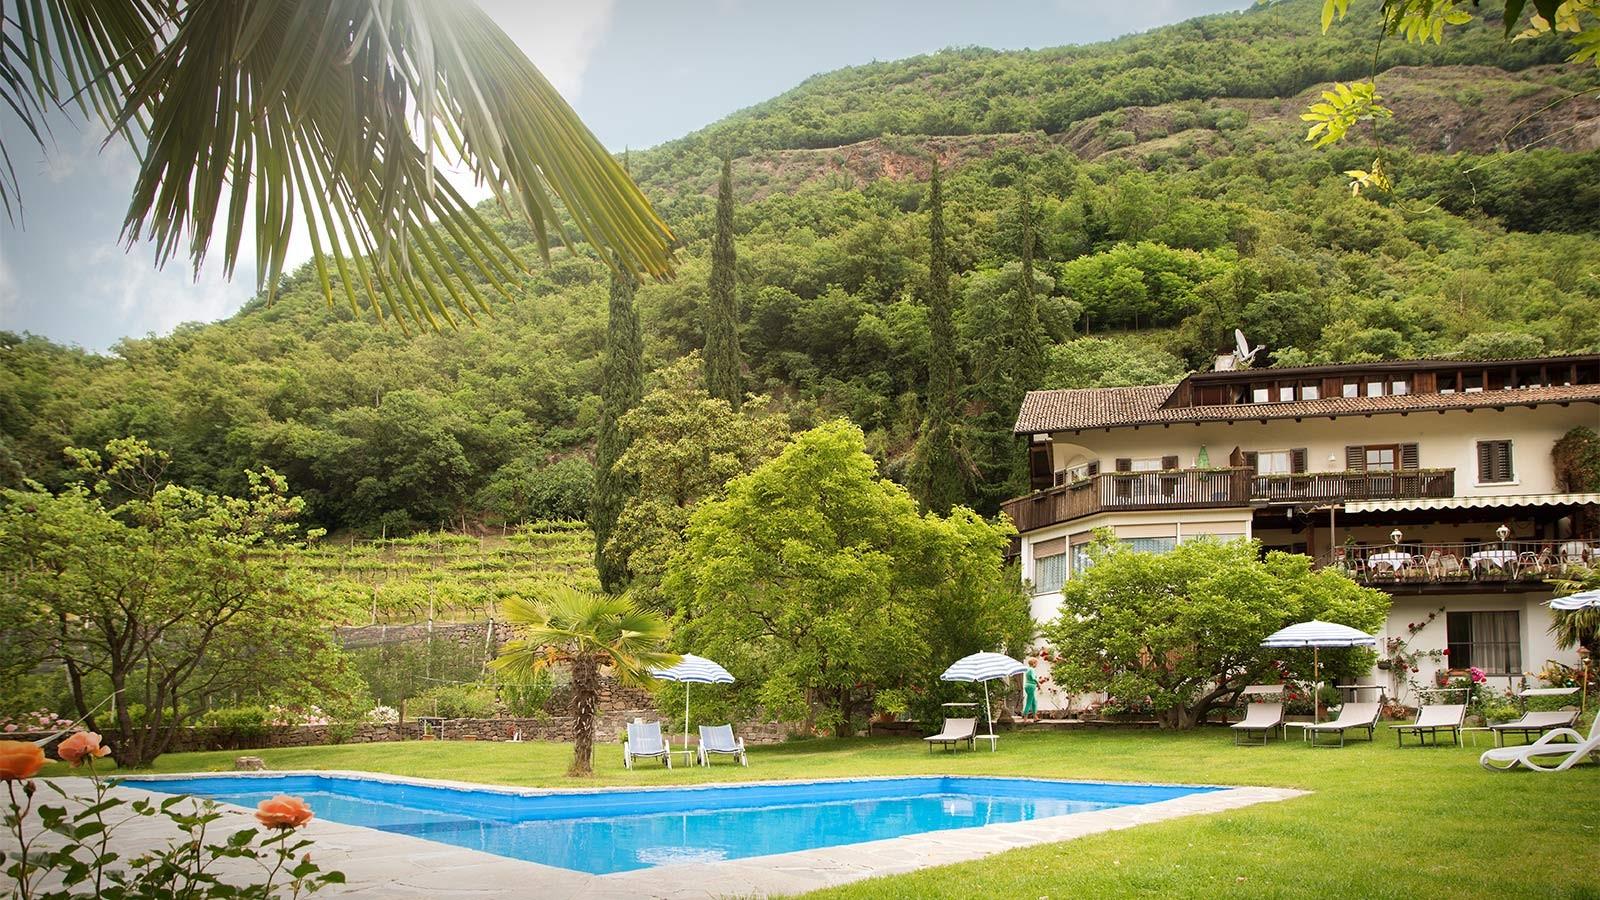 Pension mit Swimming Pool